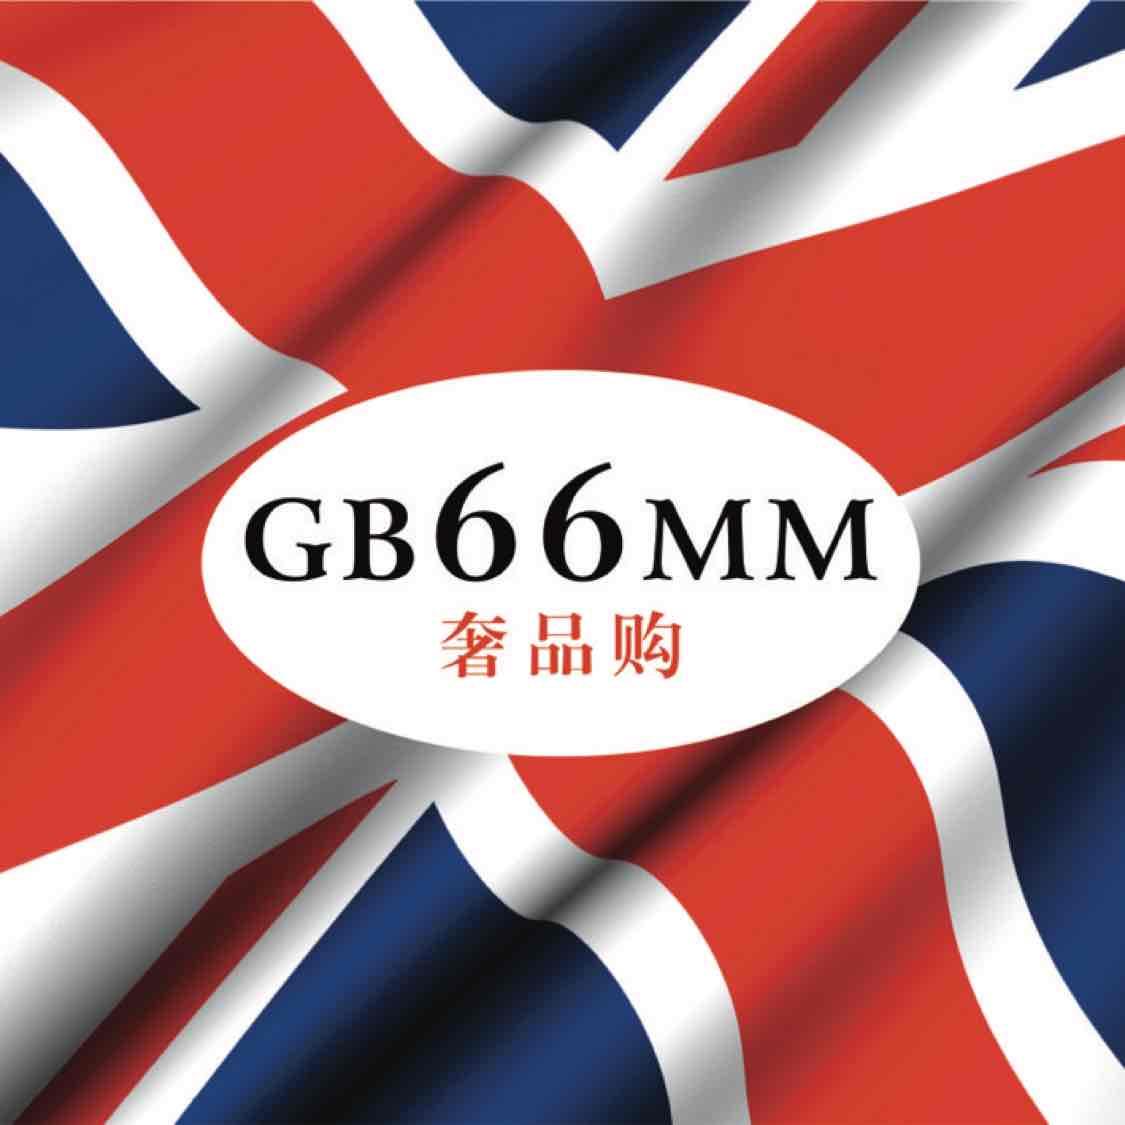 GB66MM奢品购